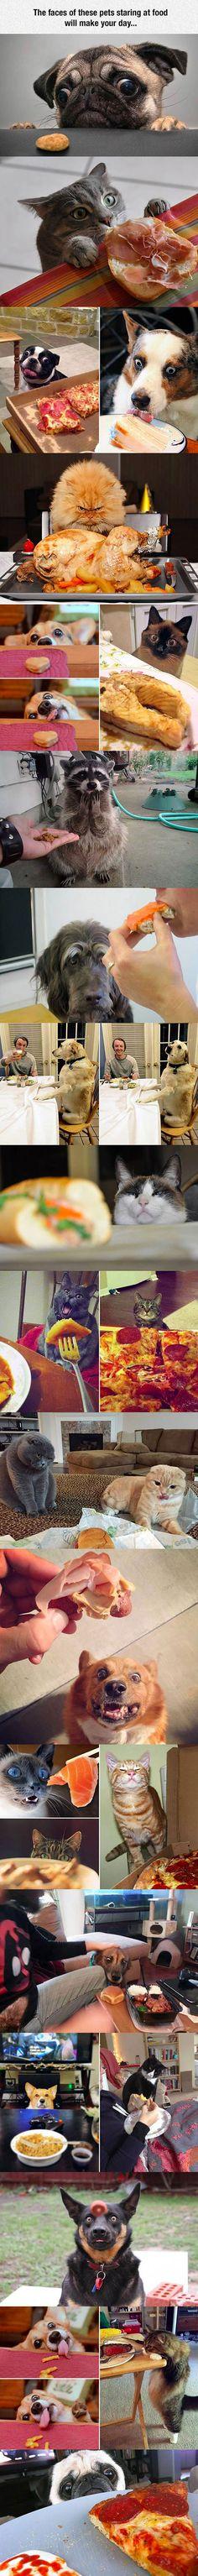 Pets staring at food...